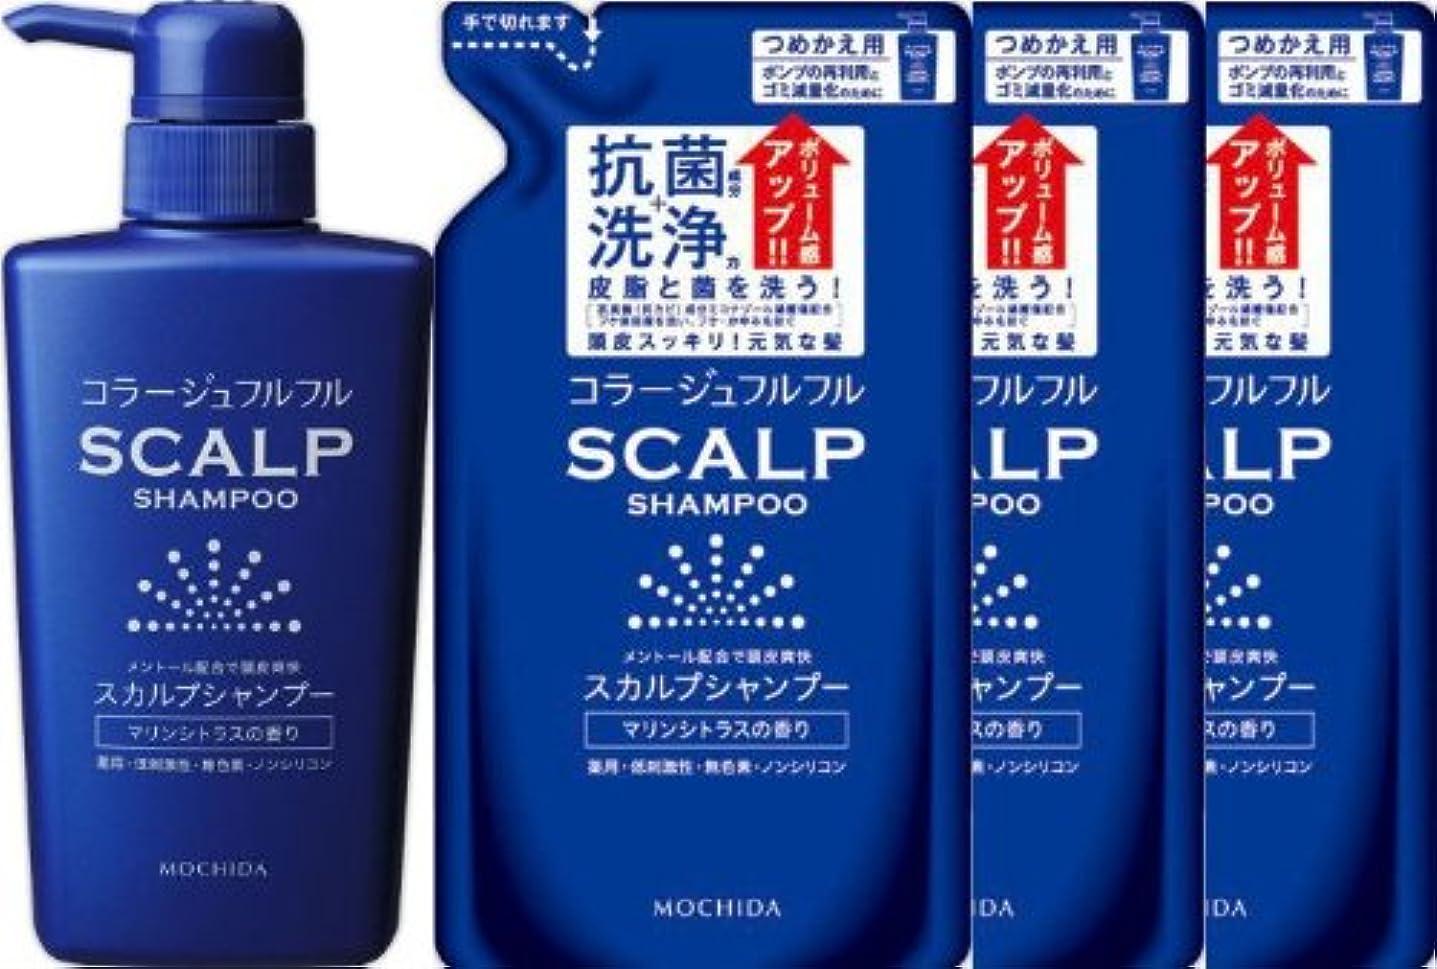 フォアタイプ作り上げる推測するコラージュフルフル スカルプシャンプー(マリンシトラスの香り) ポンプ+つめかえ3個セット【医薬部外品】